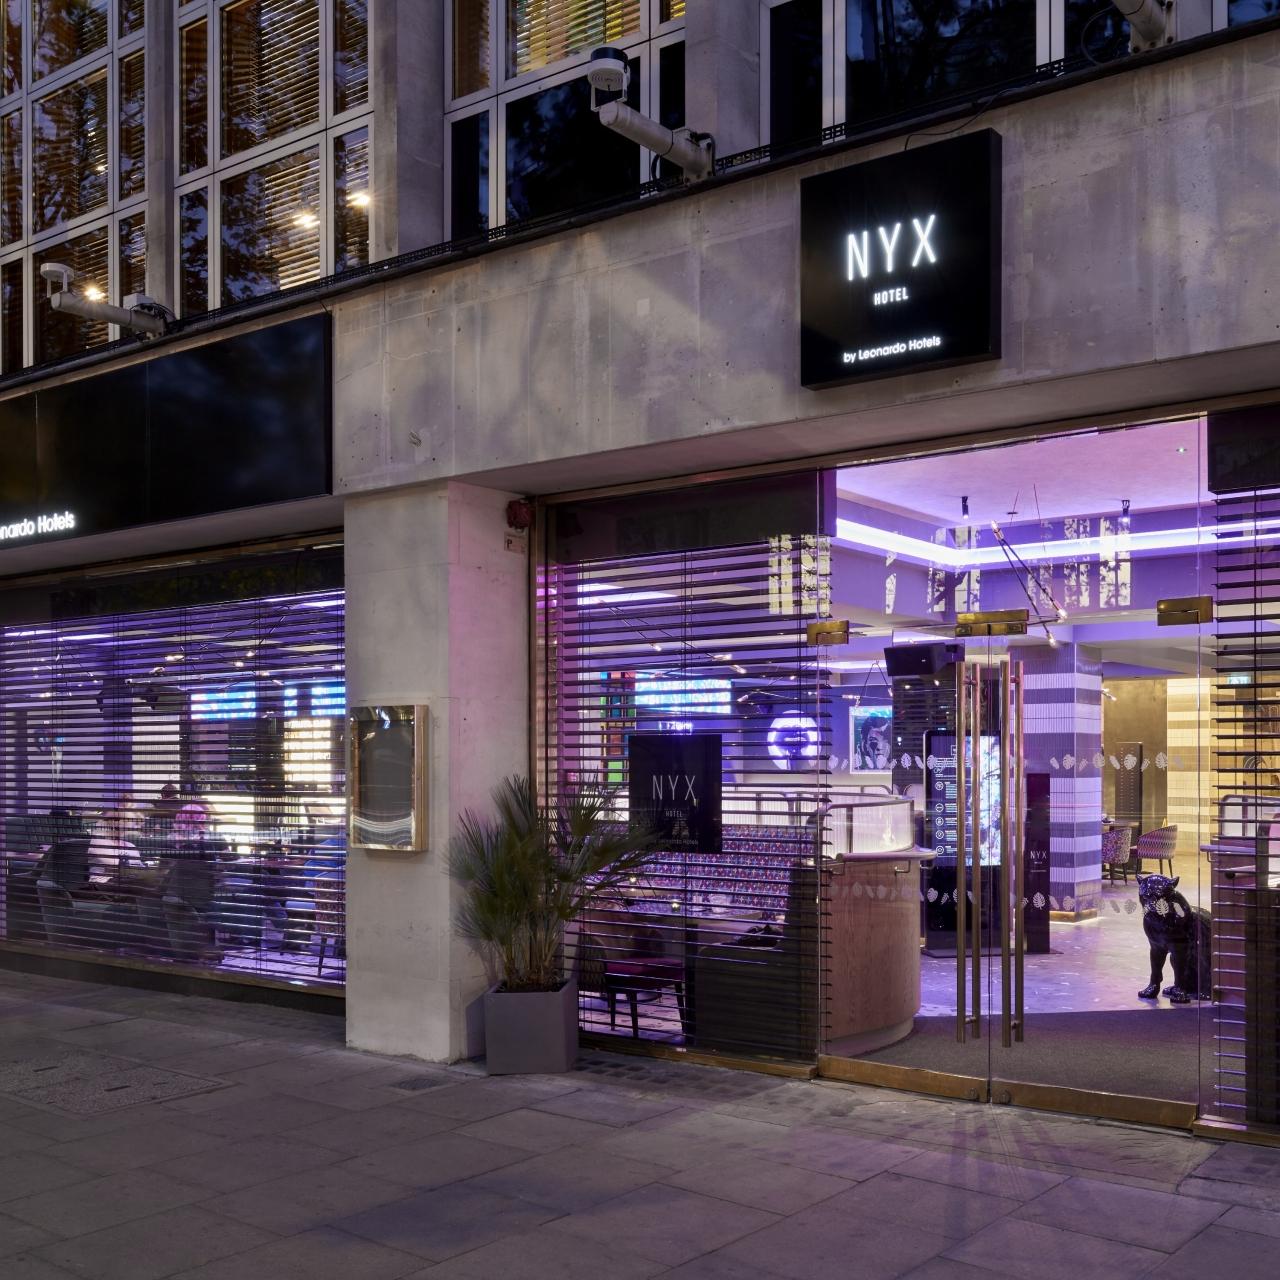 London: 4*NYX Hotel London Holborn - Executive-Zimmer für 2 Personen inkl. Frühstück / gratis Storno / bis Dez. ´21 / 2 Nächte 190€ / 3 278€